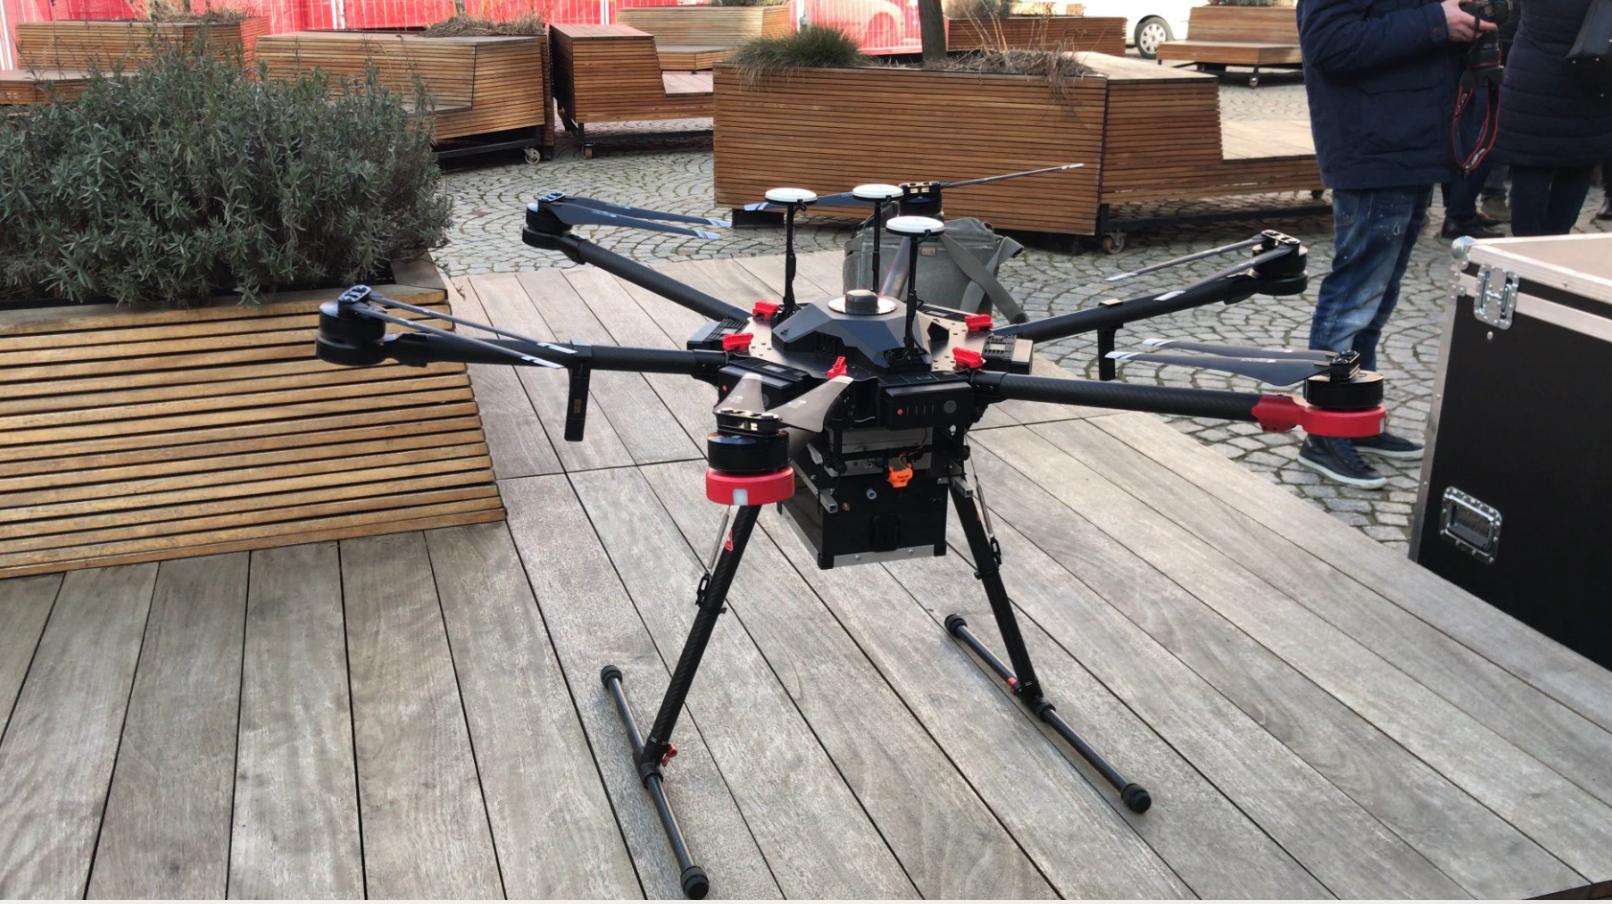 Zadaniem specjalistów ma być wykonanie analizy spalin z palenisk domowych za pomocą bezzałogowego systemu latającego (fot. poznan.pl)